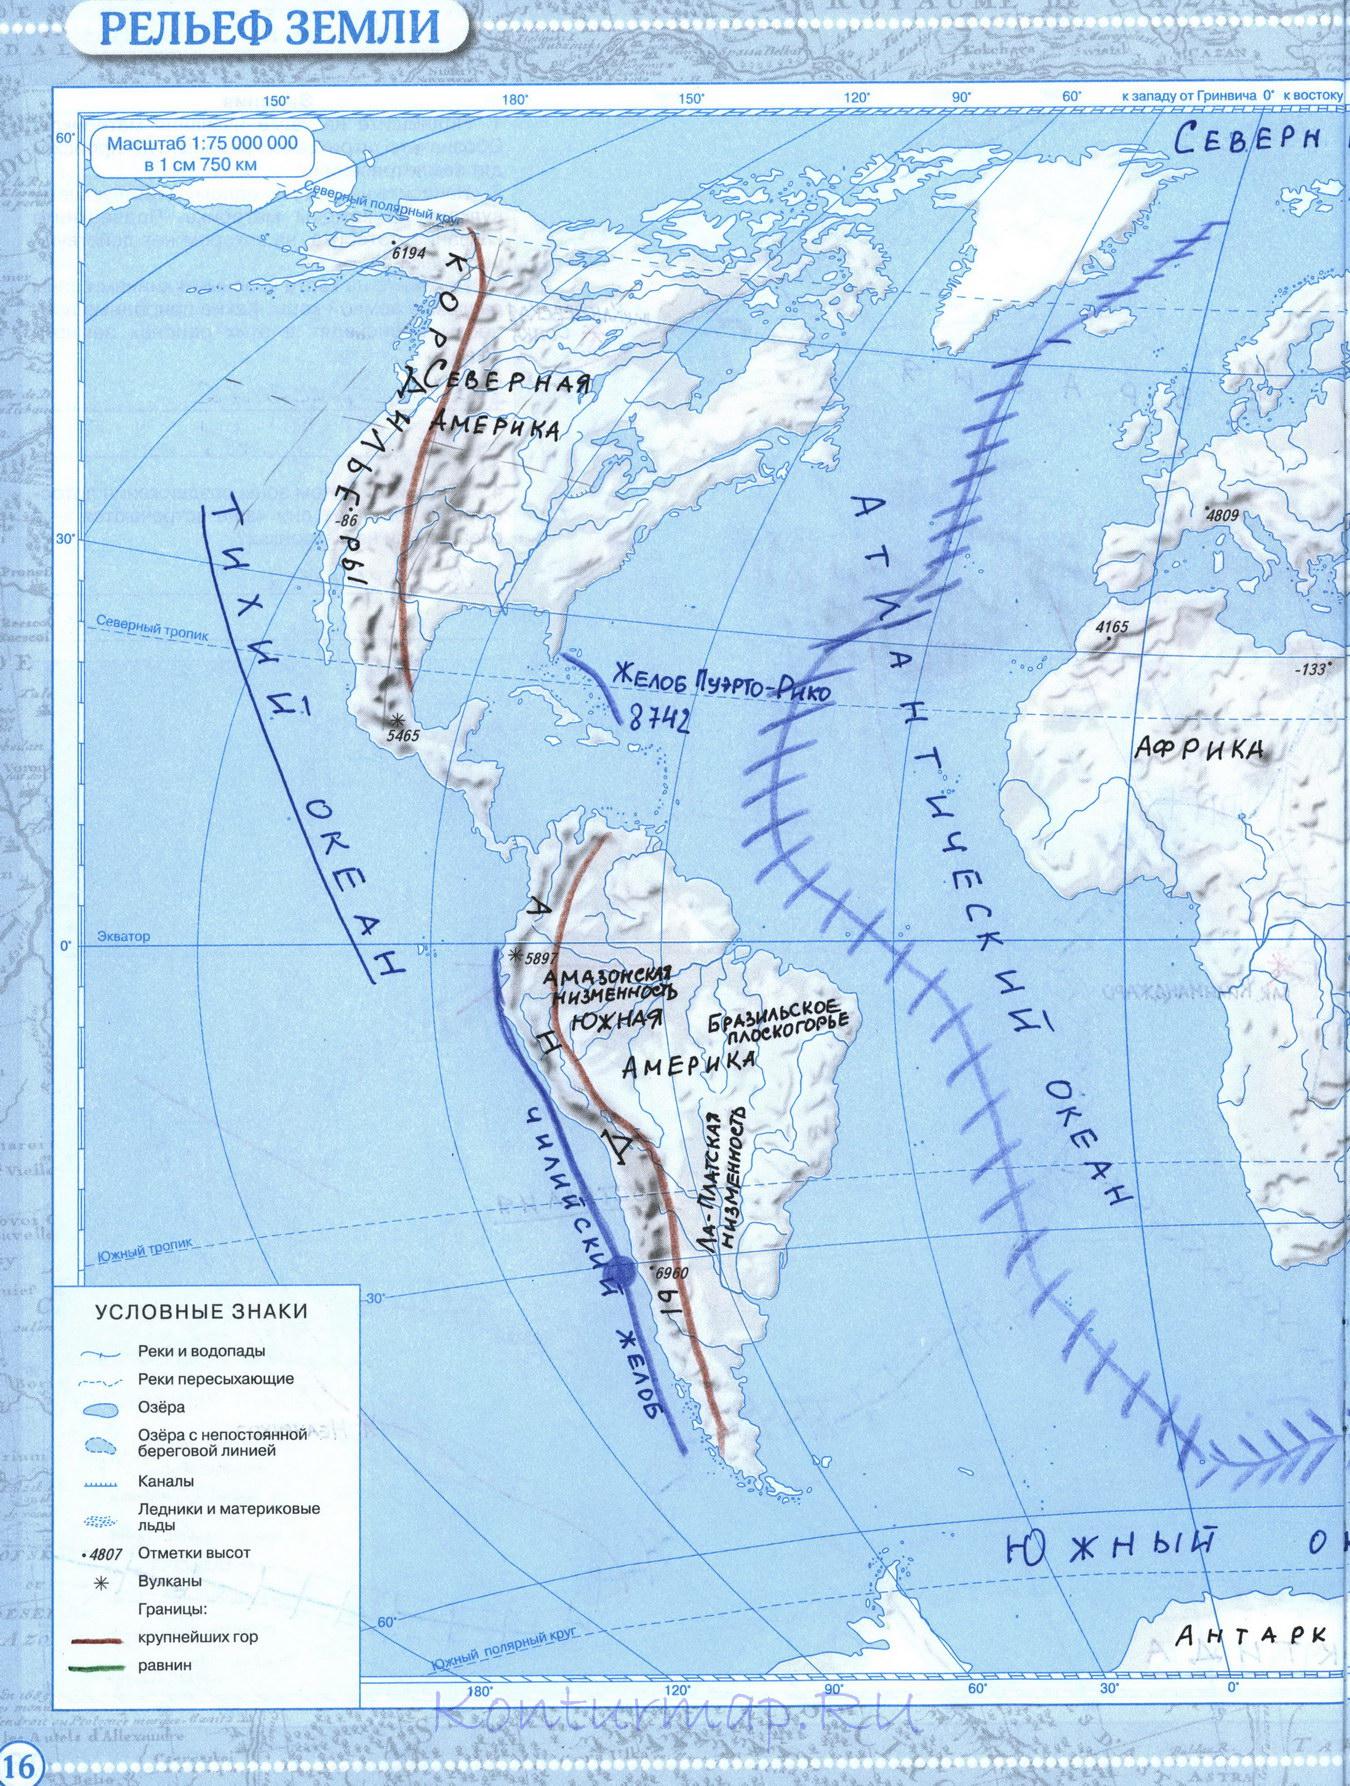 Гдз по географии 5 класс контурная карта дрофа гдз